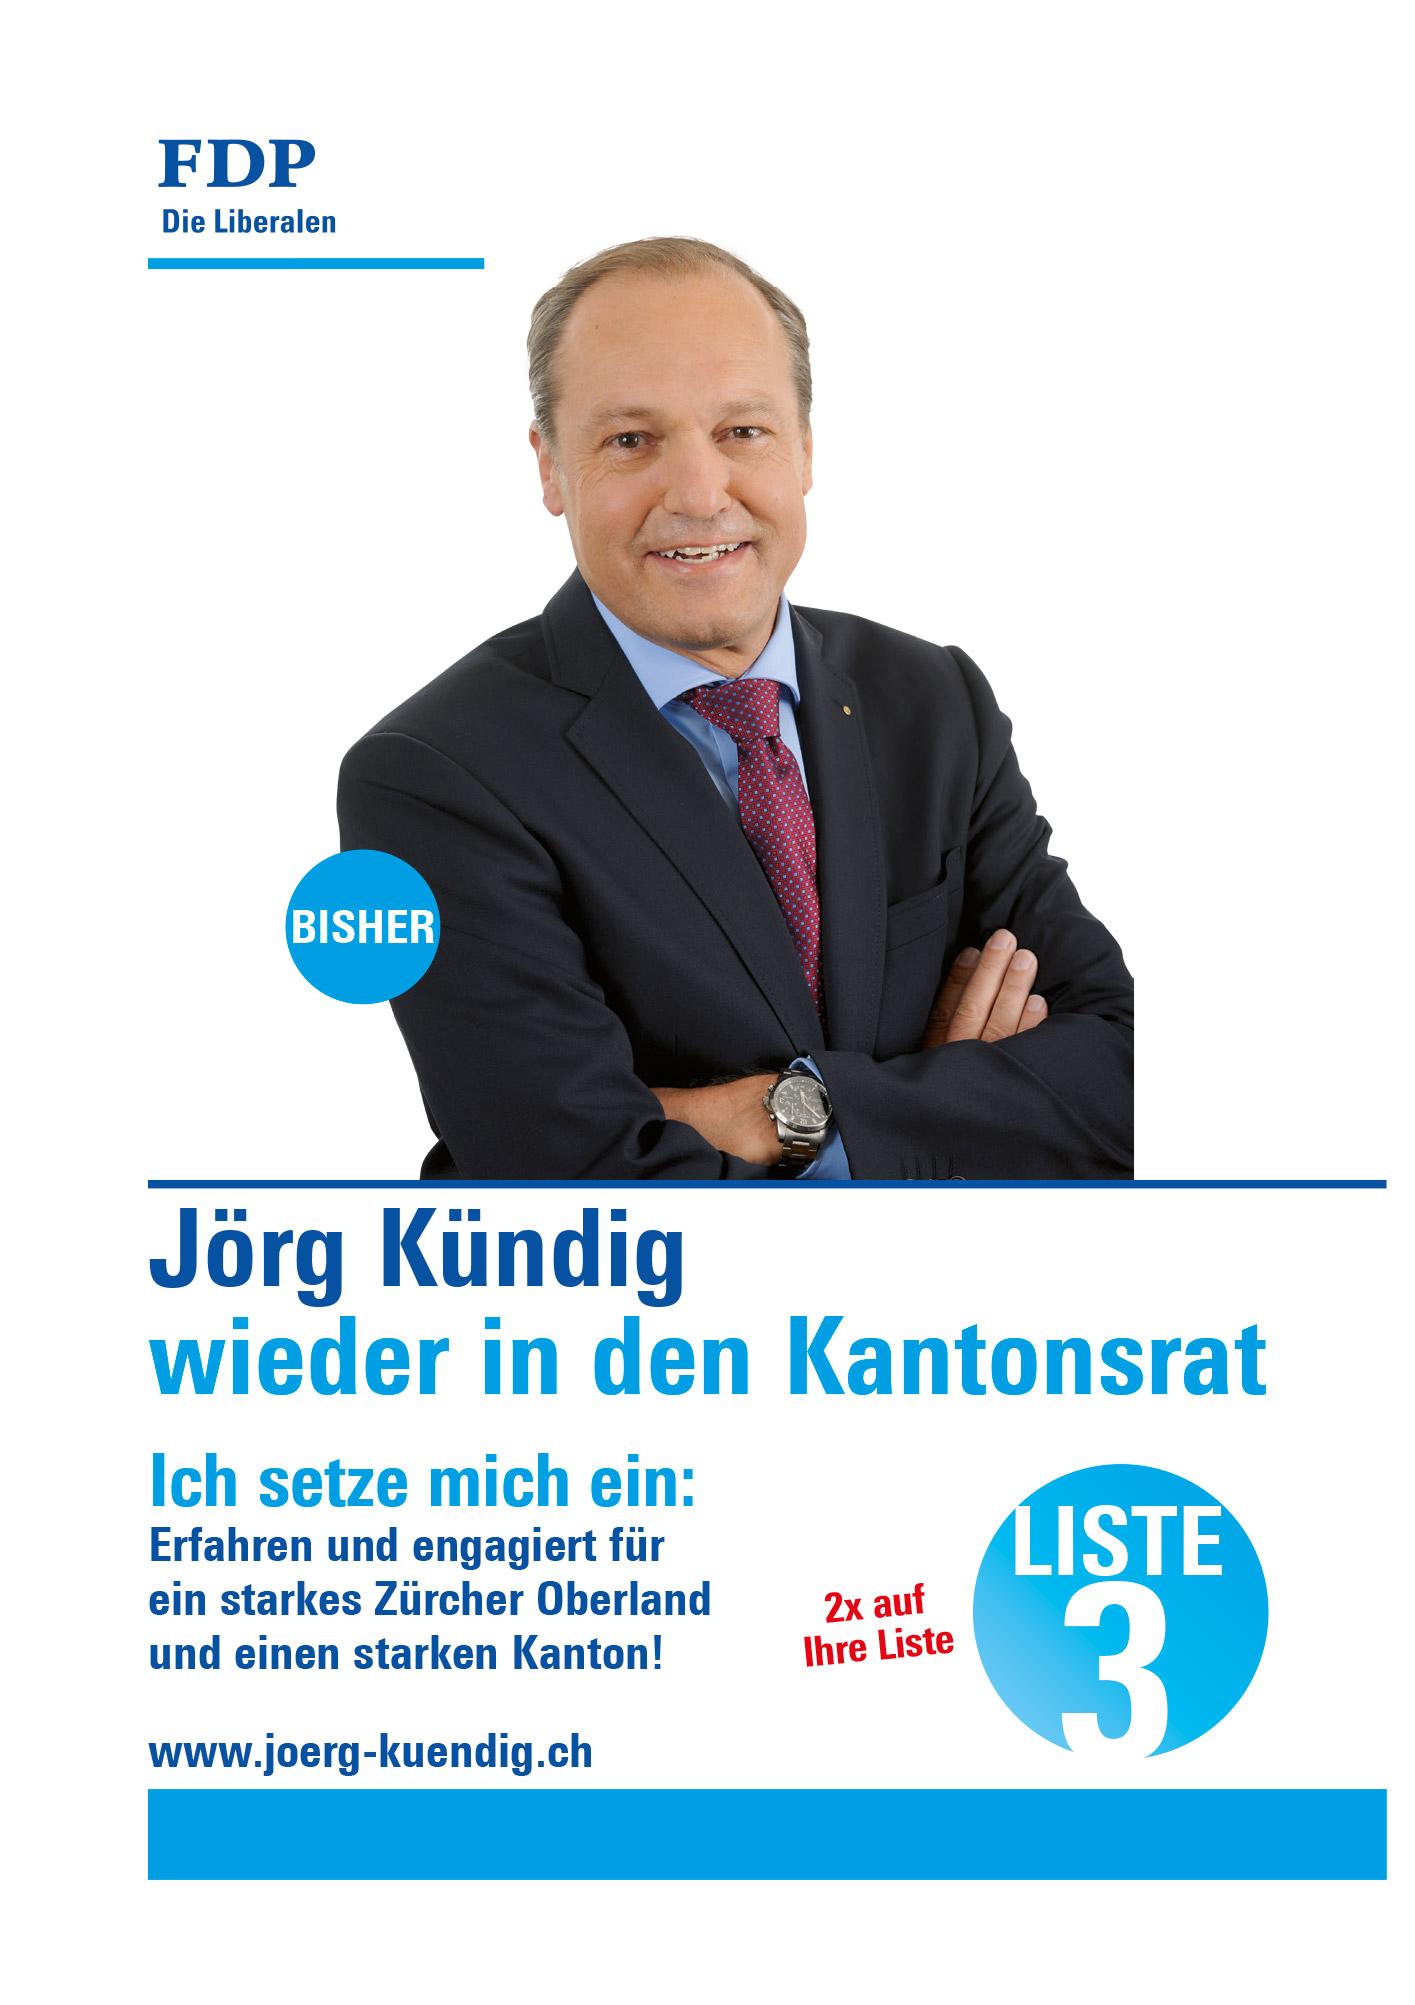 Joerg-Kuendig-1